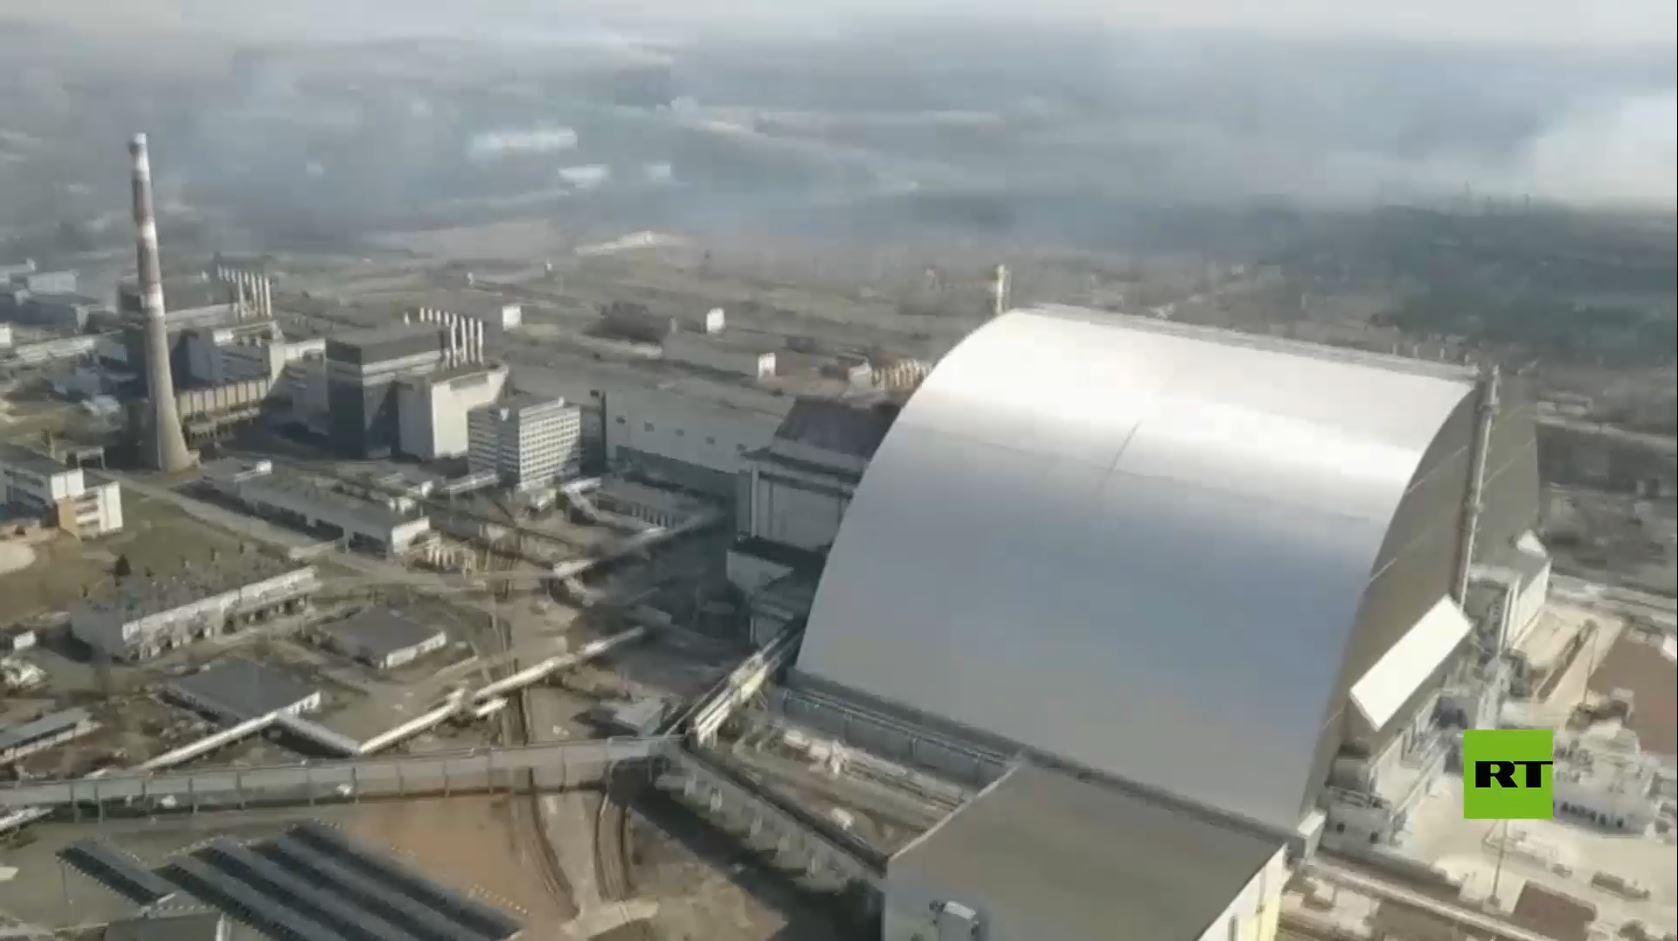 كيف تبدو محطة تشيرنوبيل النووية بعد34 عاما على الكارثة